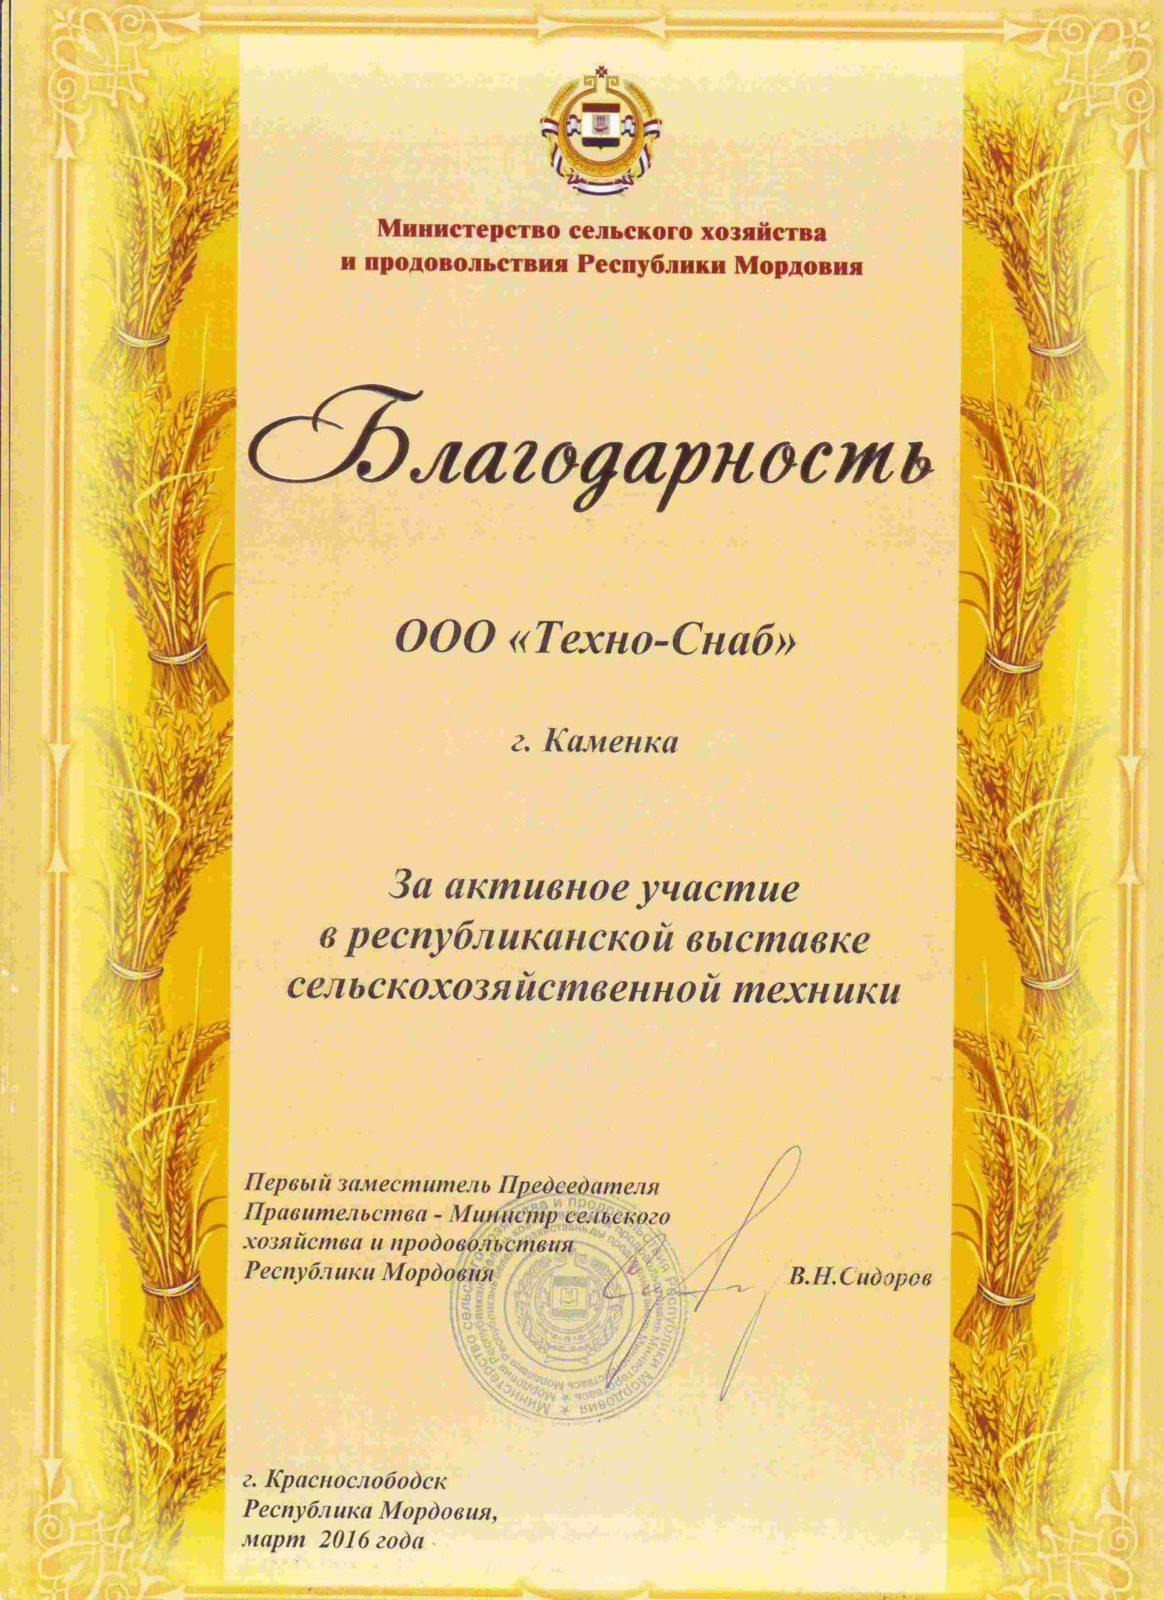 Выставка-демонстрация сельскохозяйственной техники Республики Мордовия